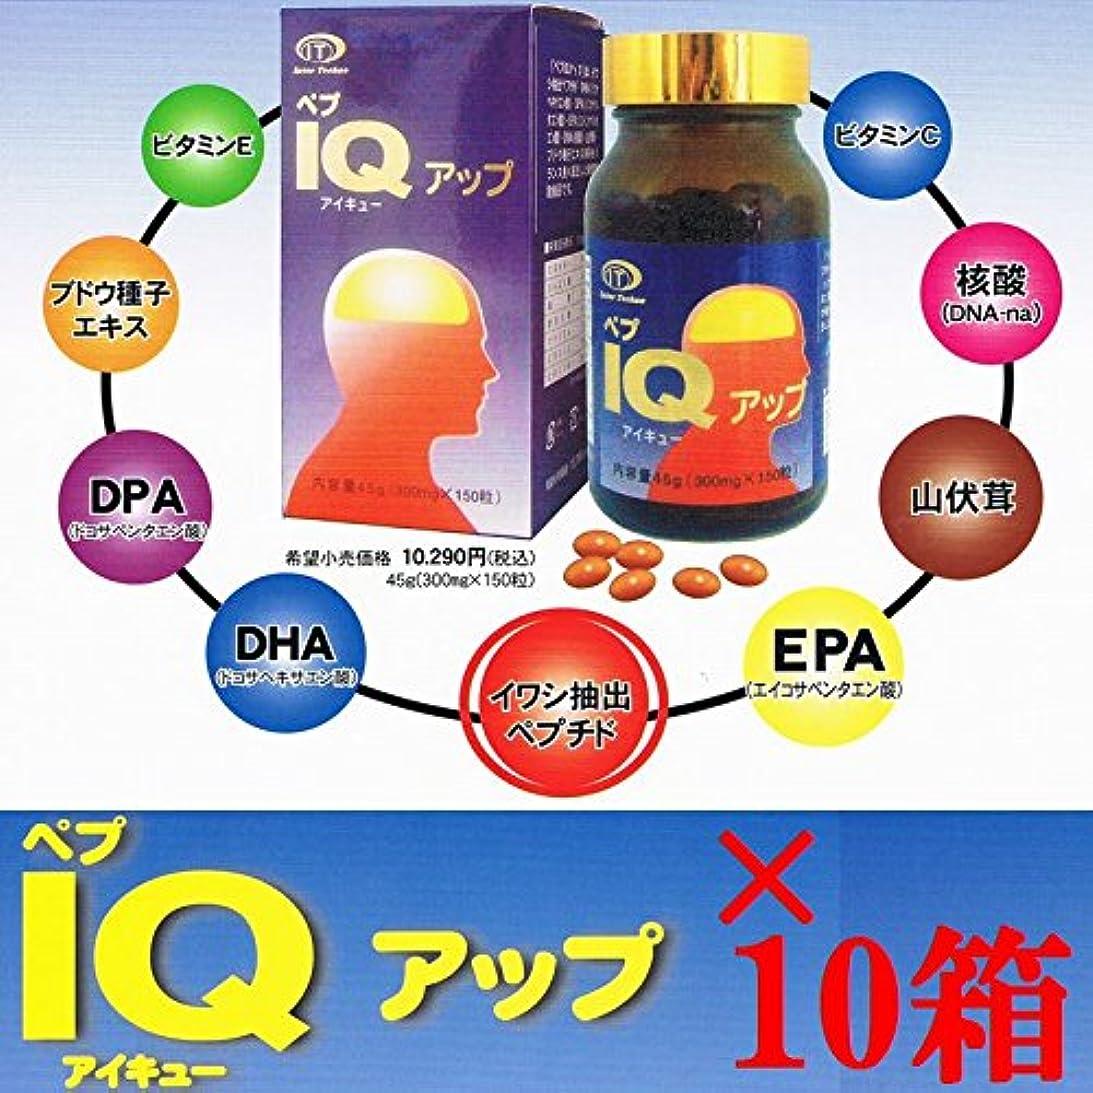 選挙臨検免除ペプIQアップ 150粒 ×超お得10箱セット 《記憶?思考、DHA、EPA》